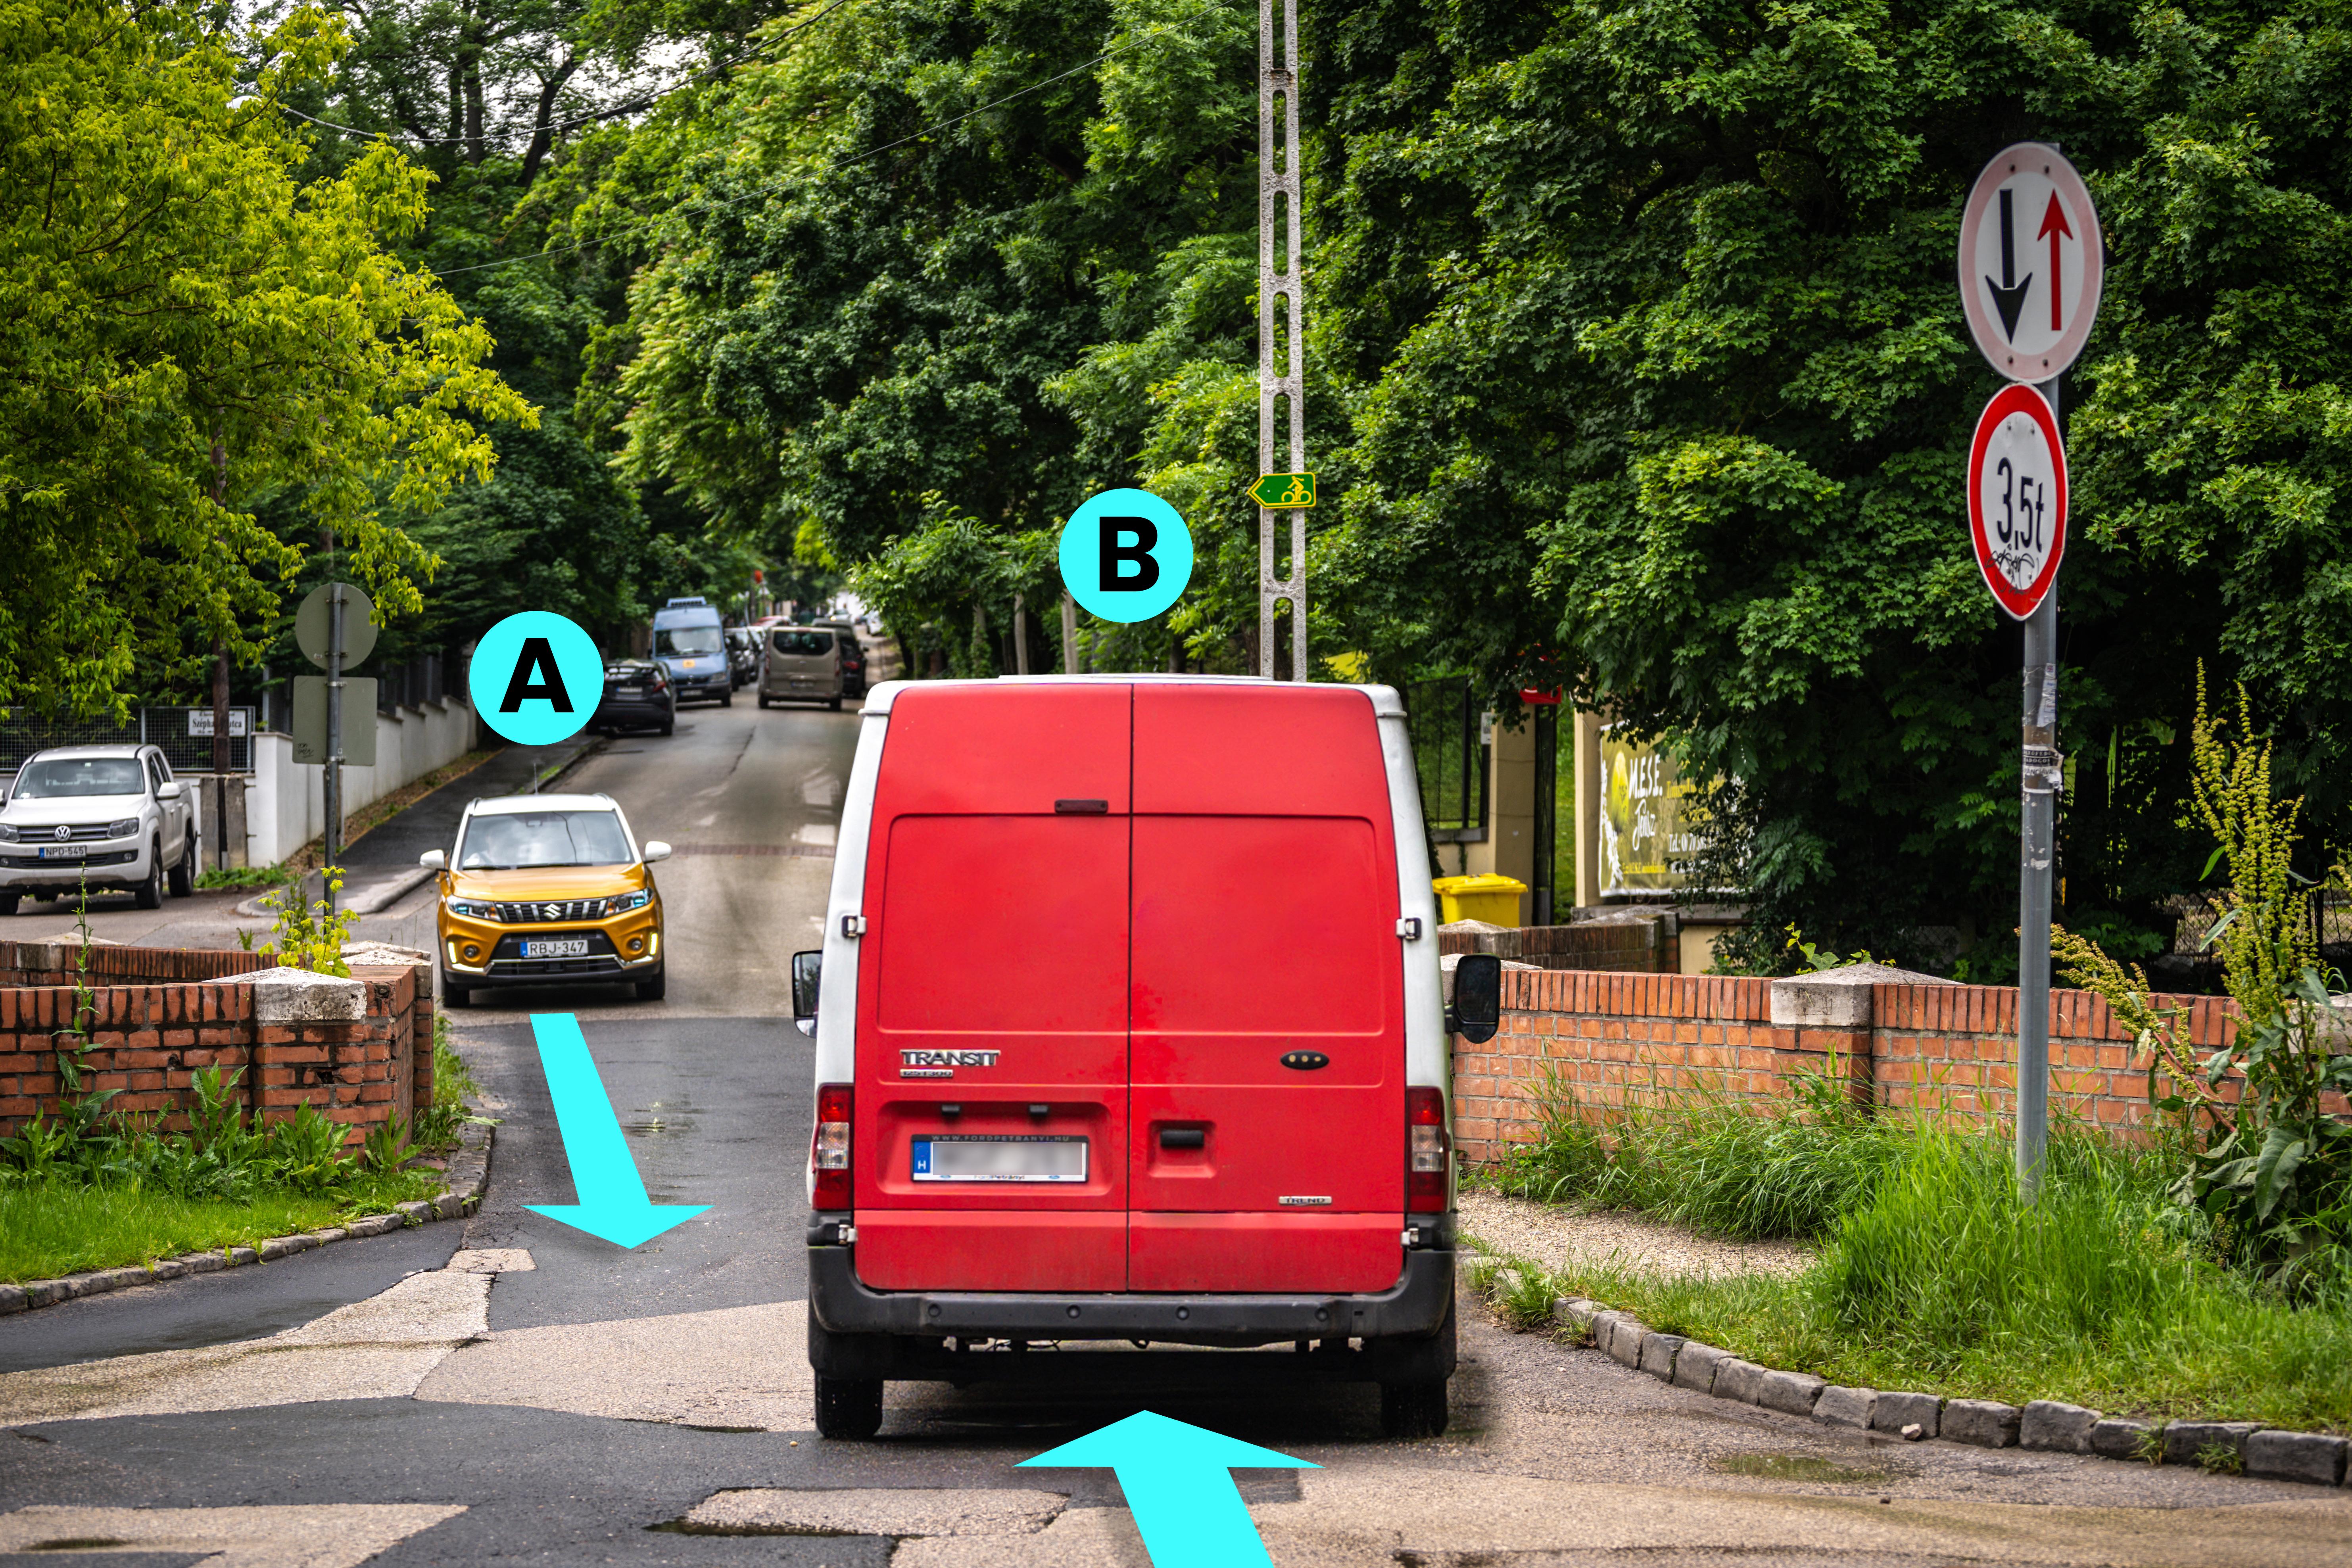 Az útszűkületben szembetalálkozó személygépkocsik közül kinek van elsőbbsége?